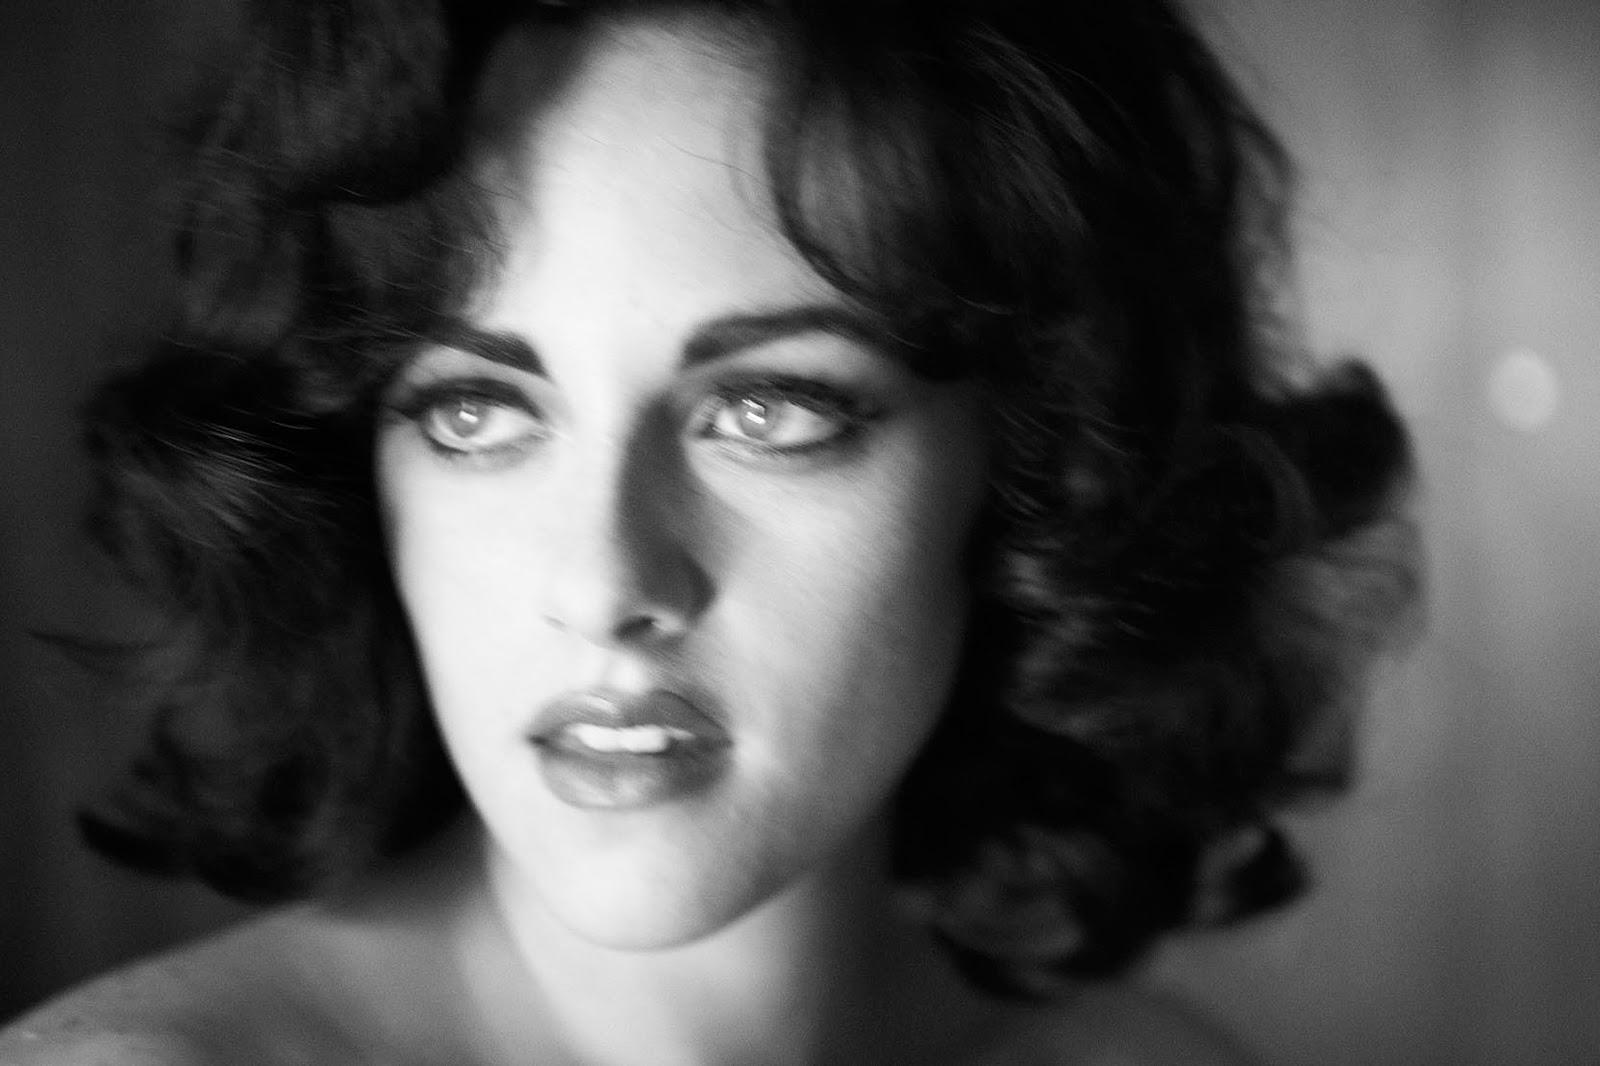 http://3.bp.blogspot.com/_CsMq7Ga9XwA/TTZ0dRA53hI/AAAAAAAABSY/uqvY7fEWG8I/s1600/Kristen_Stewart_Vogue_7.jpg